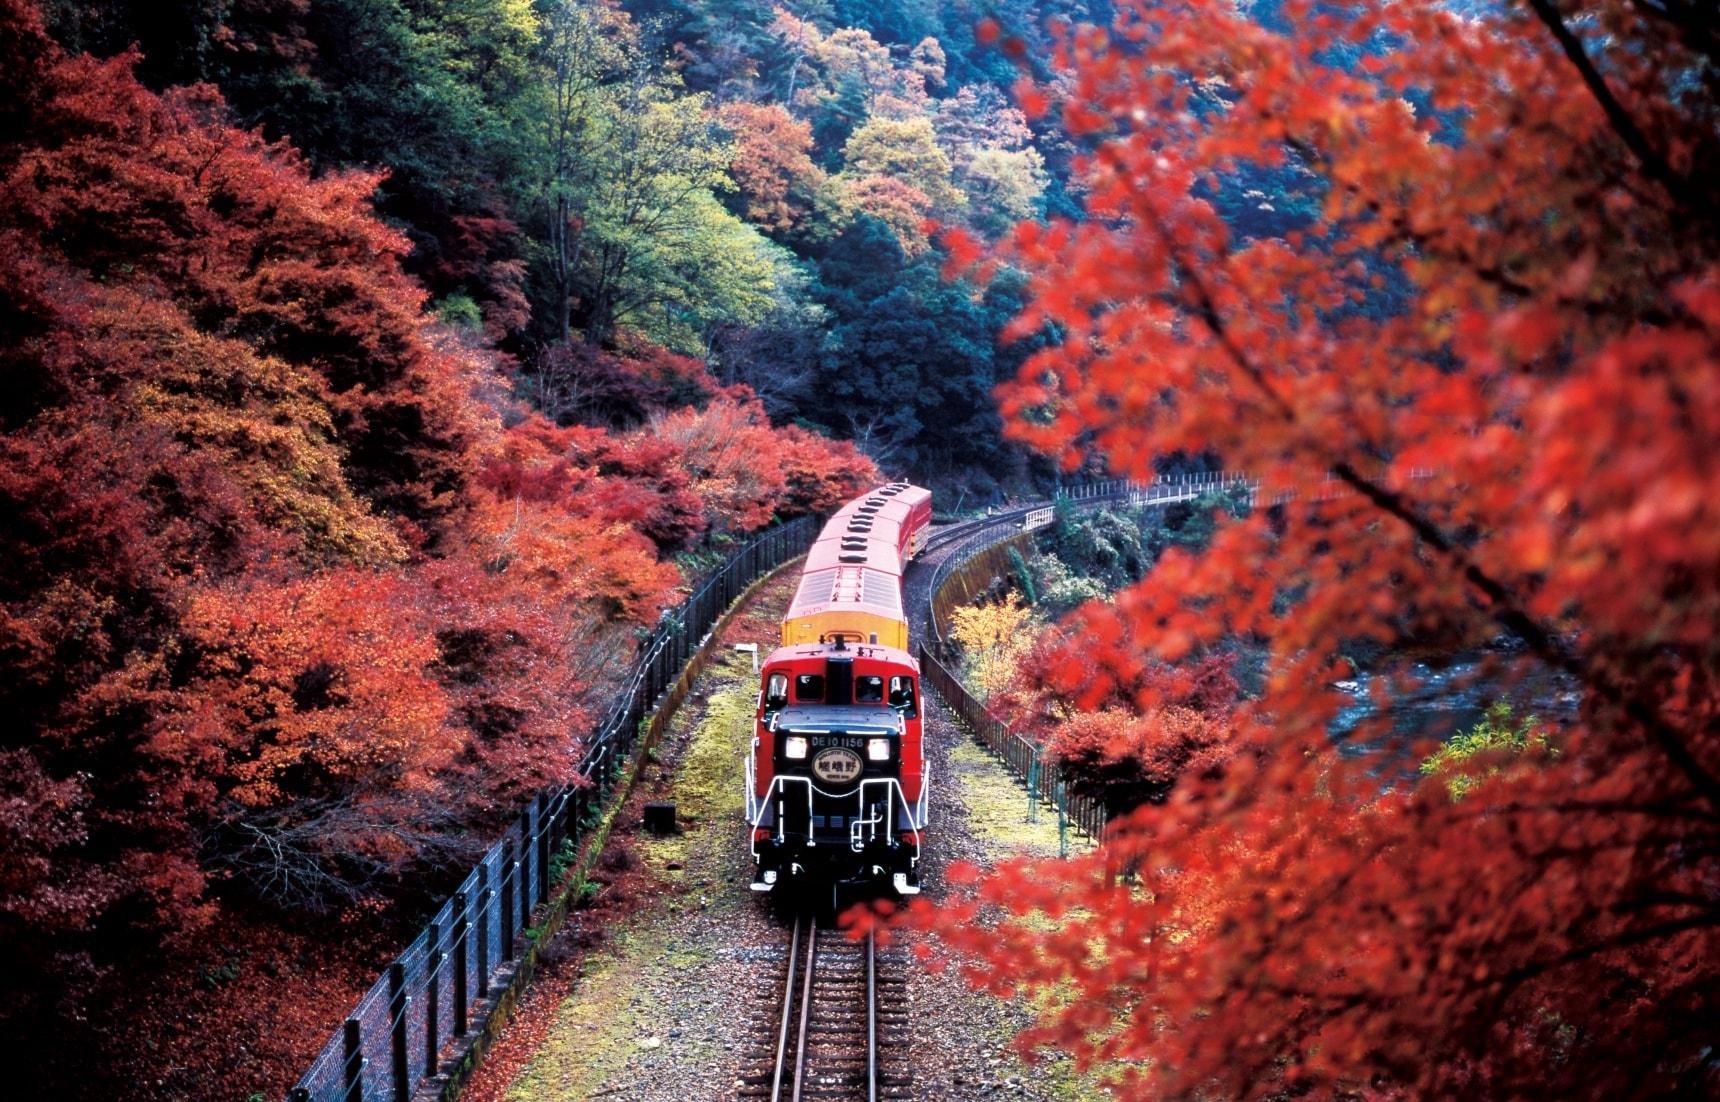 【京都自由行】沿著風景優美的保津川溪谷緩緩行駛的嵯峨野遊覽小火車